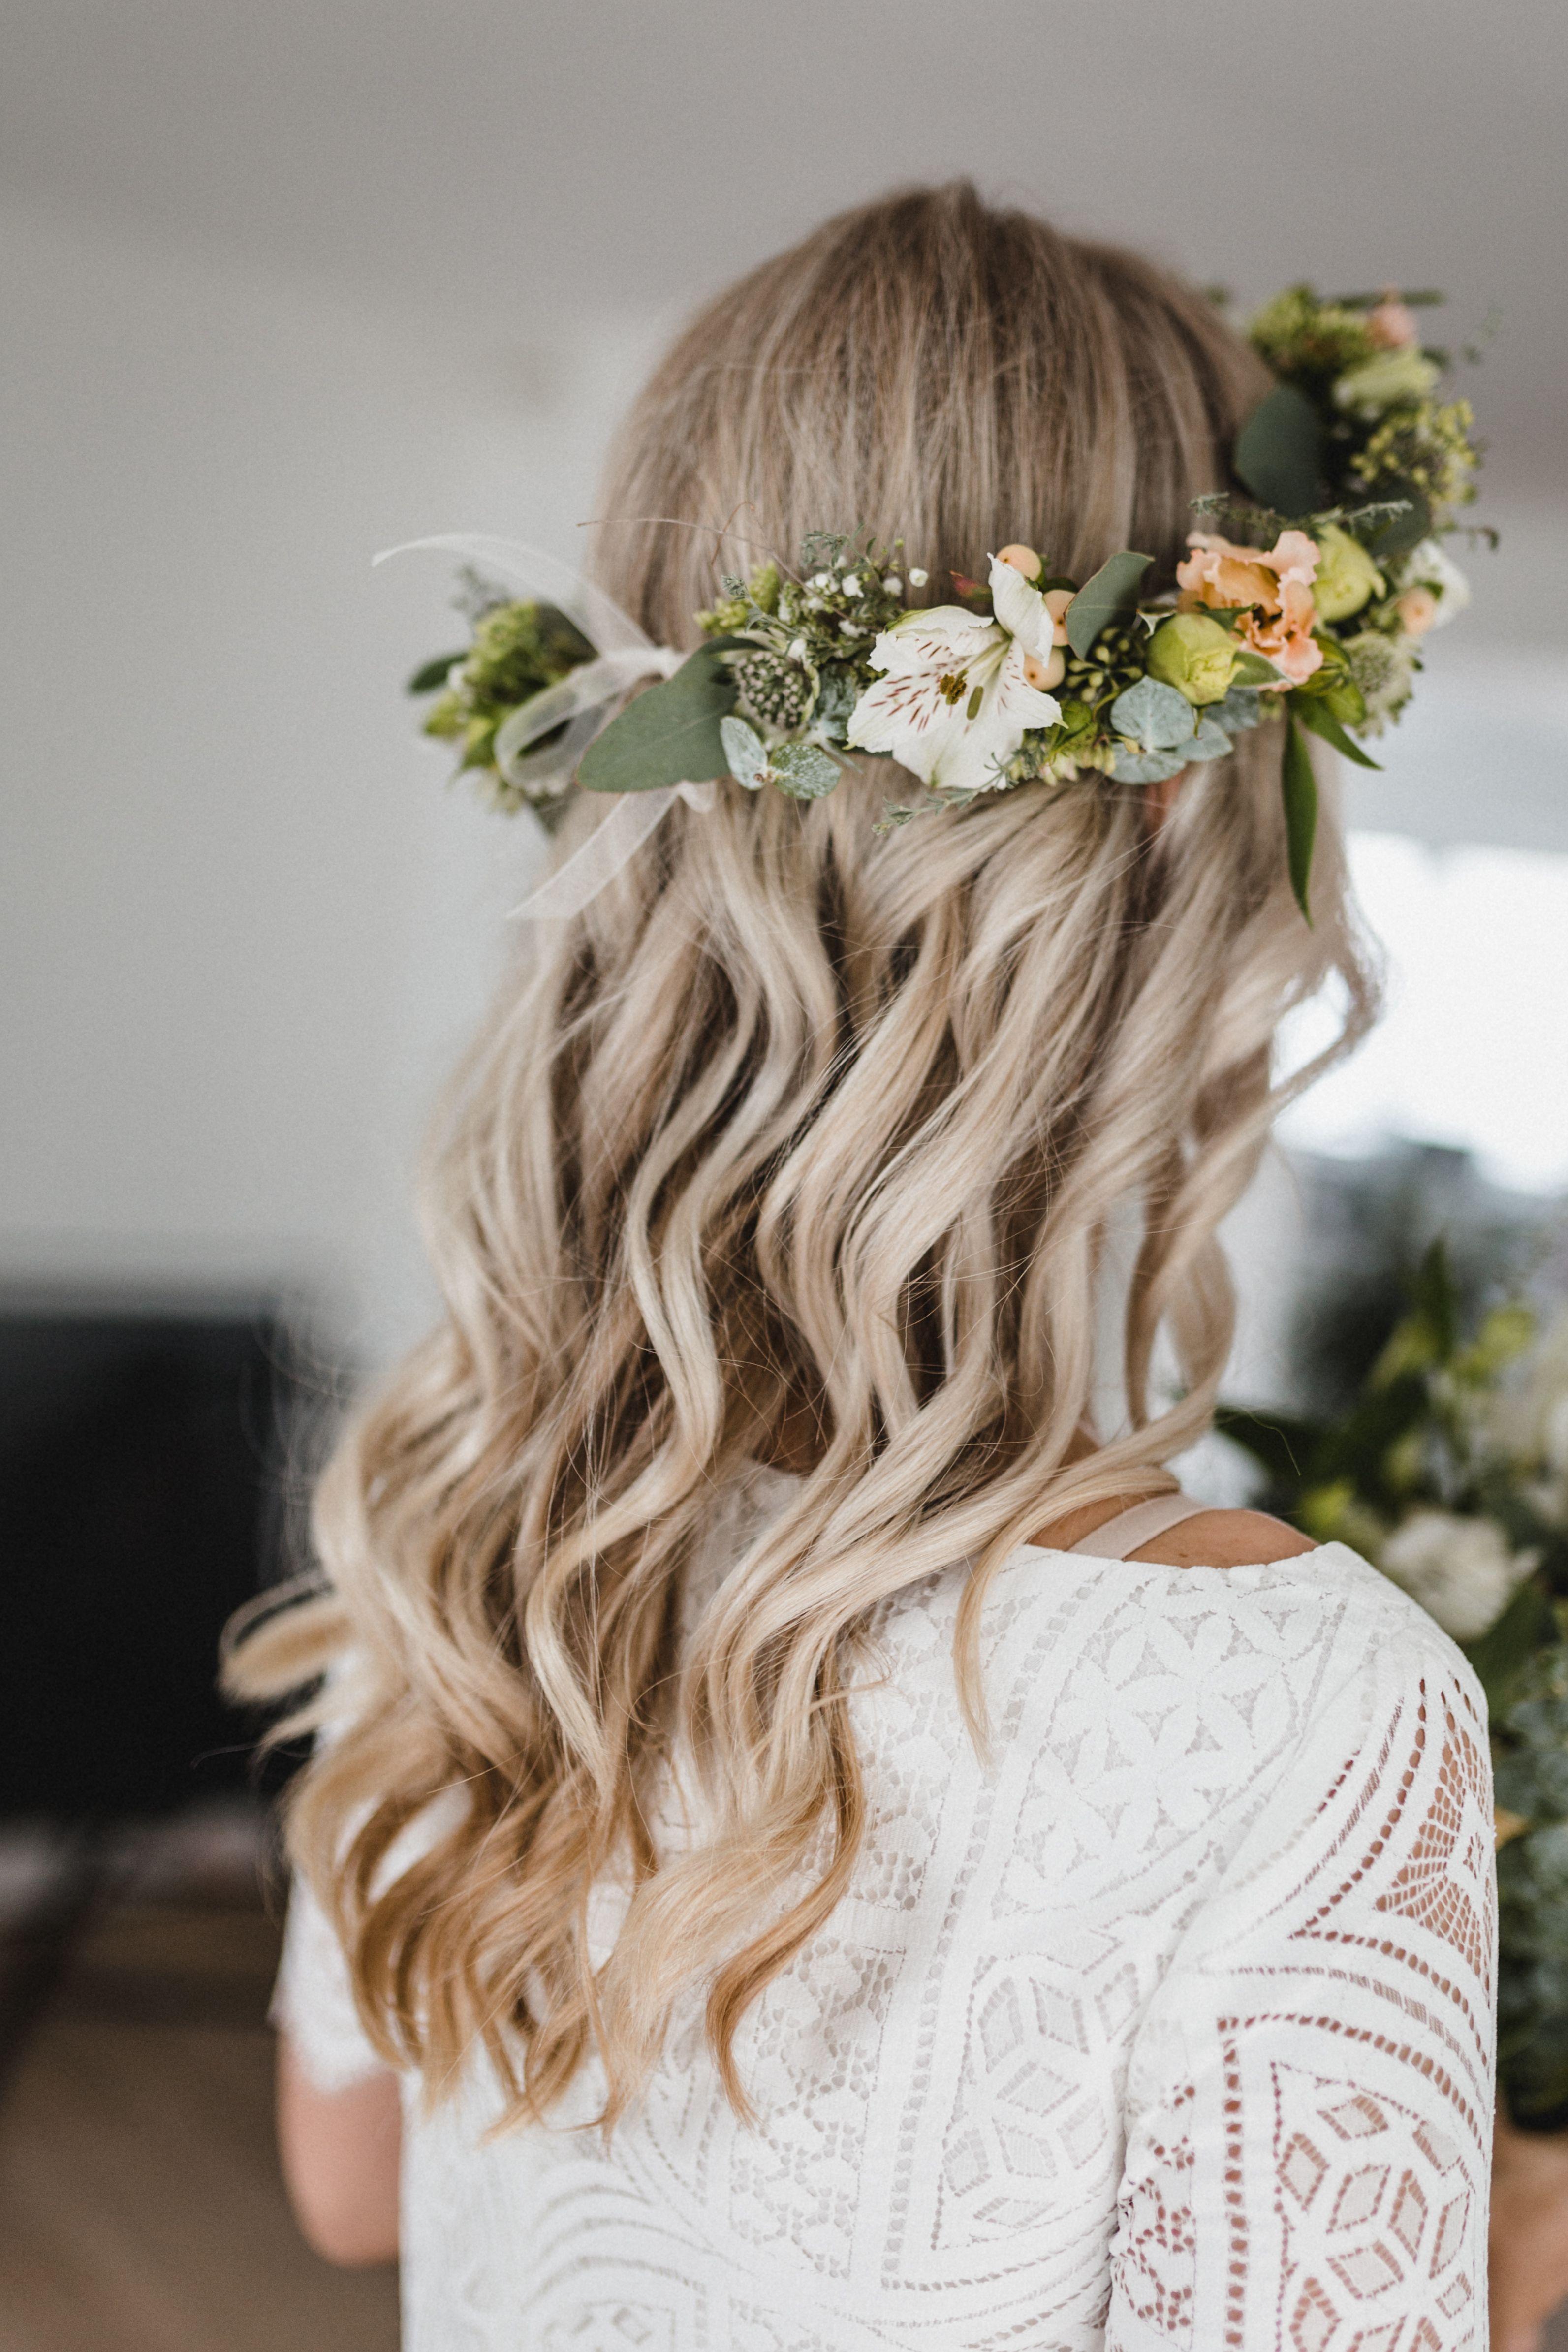 Wedding Hairstyle  Haarschmuck braut, Frisur hochzeit, Brautfrisur